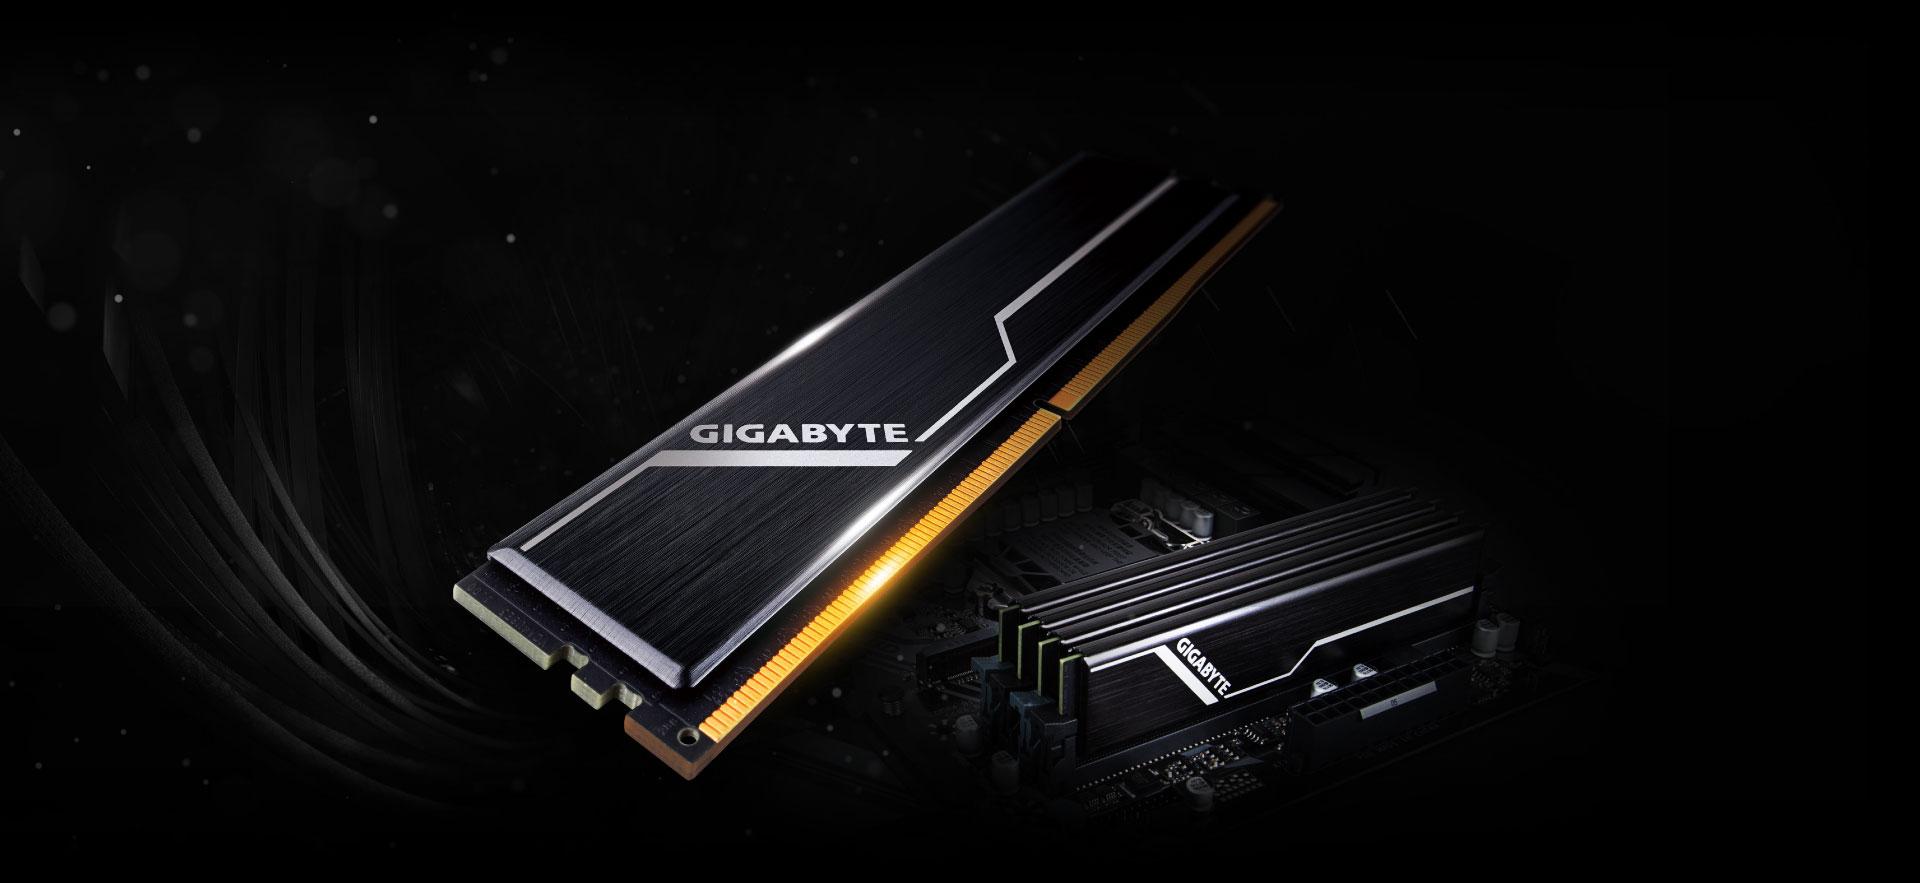 رم کامپیوتر گیگابایت GIGABYTE GR26C 8G-2666MHz